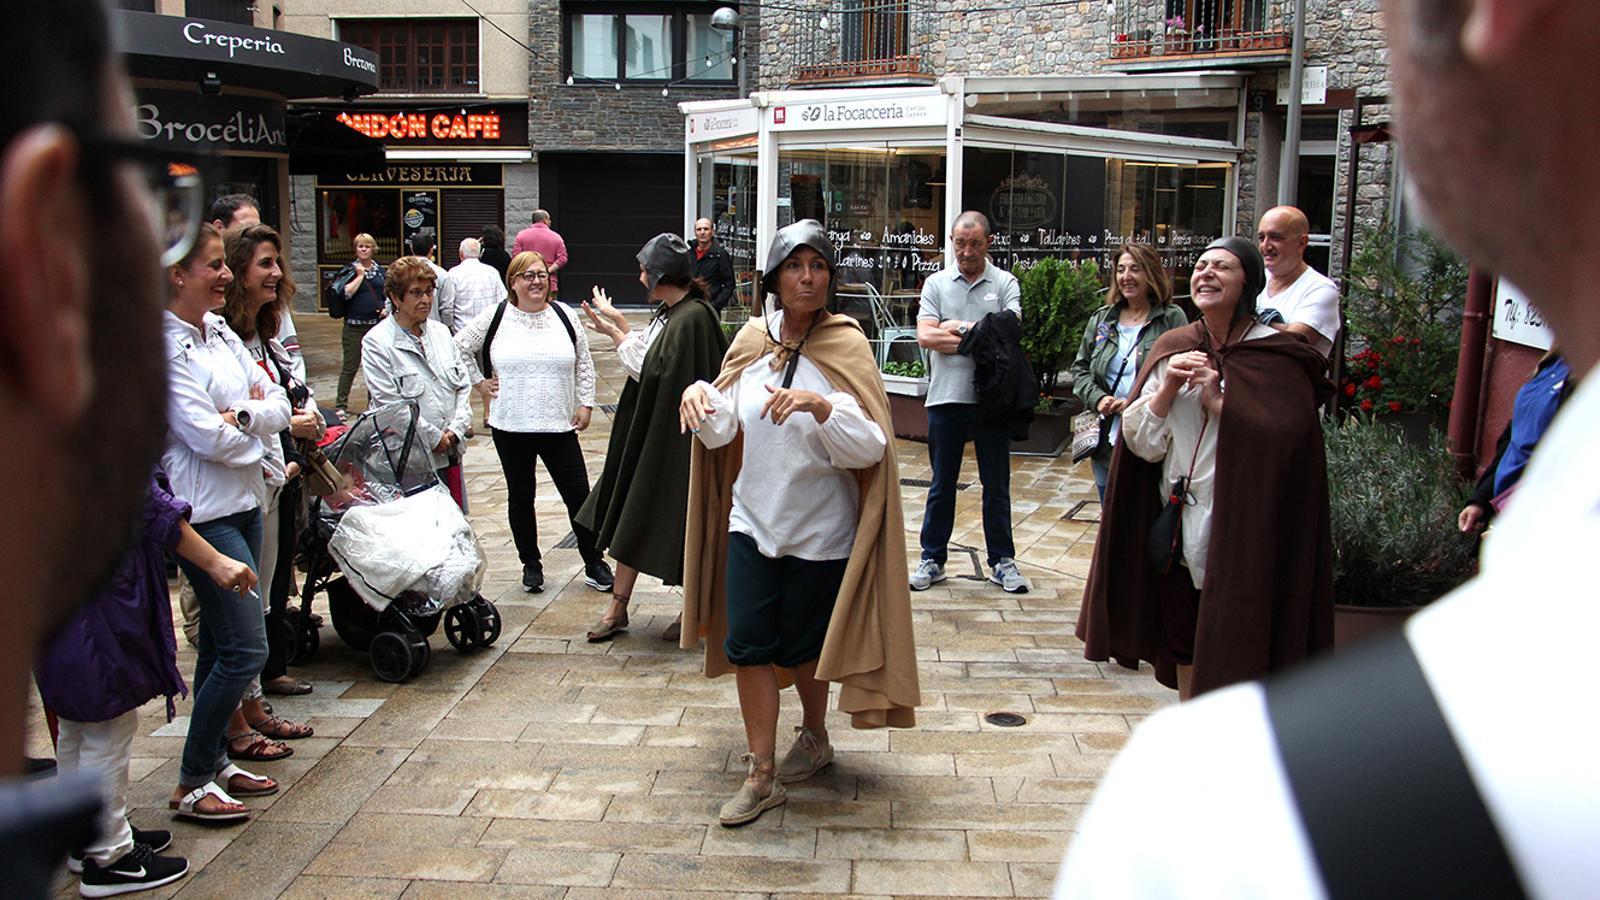 L'inici de la visita teatralitzada al cap del carrer. / M. M. (ANA)